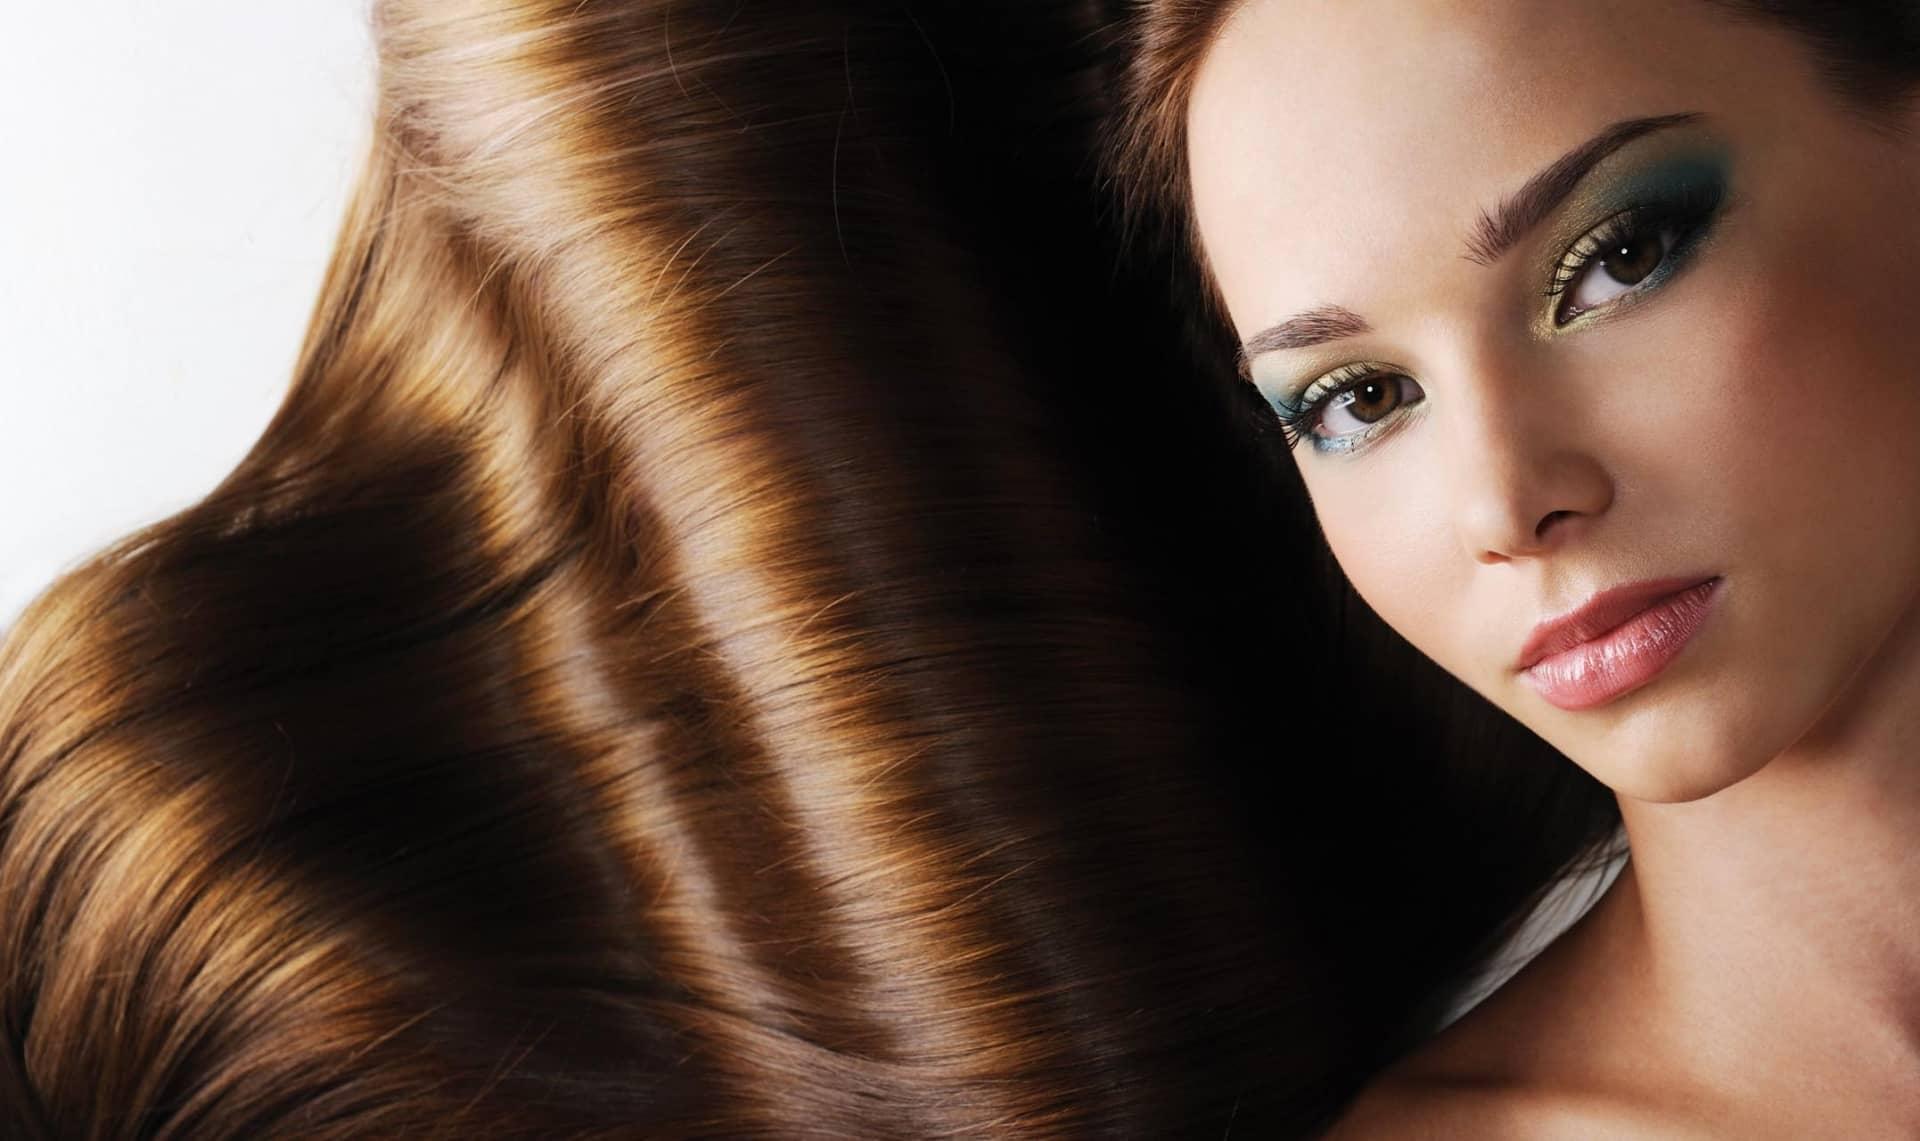 Чтобы волосы были шелковистыми и блестящими, необходимо делать соответствующие маски для волос